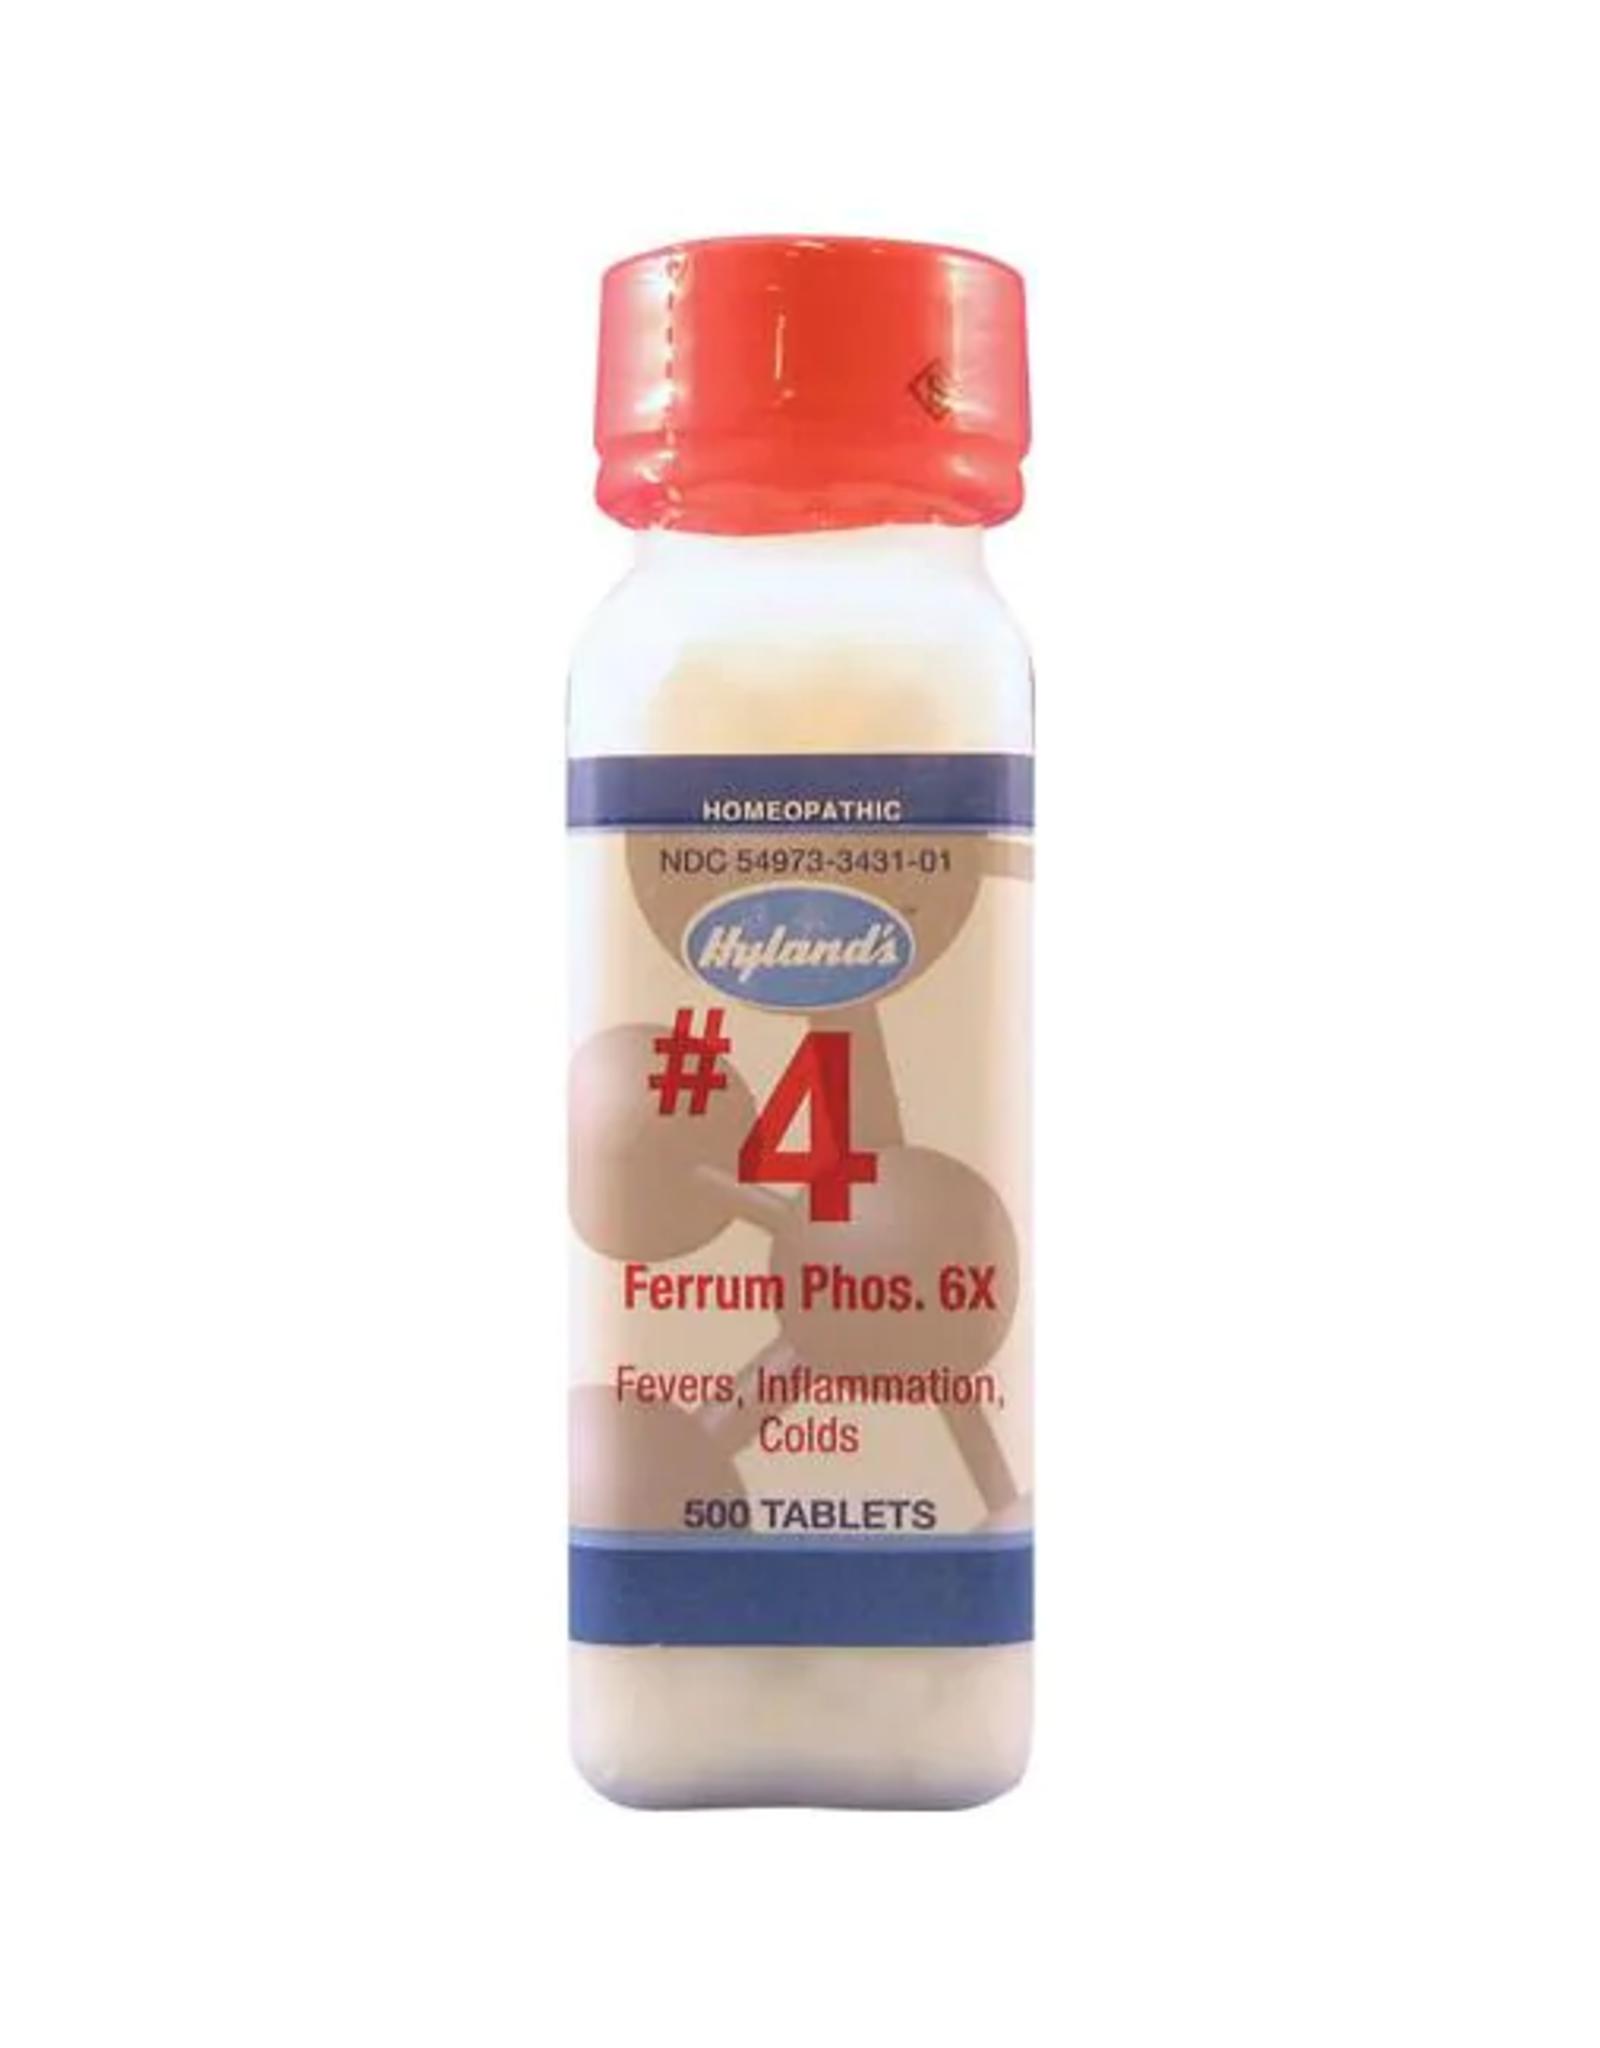 Hyland's #4 Ferrum Phosphoricum 6x